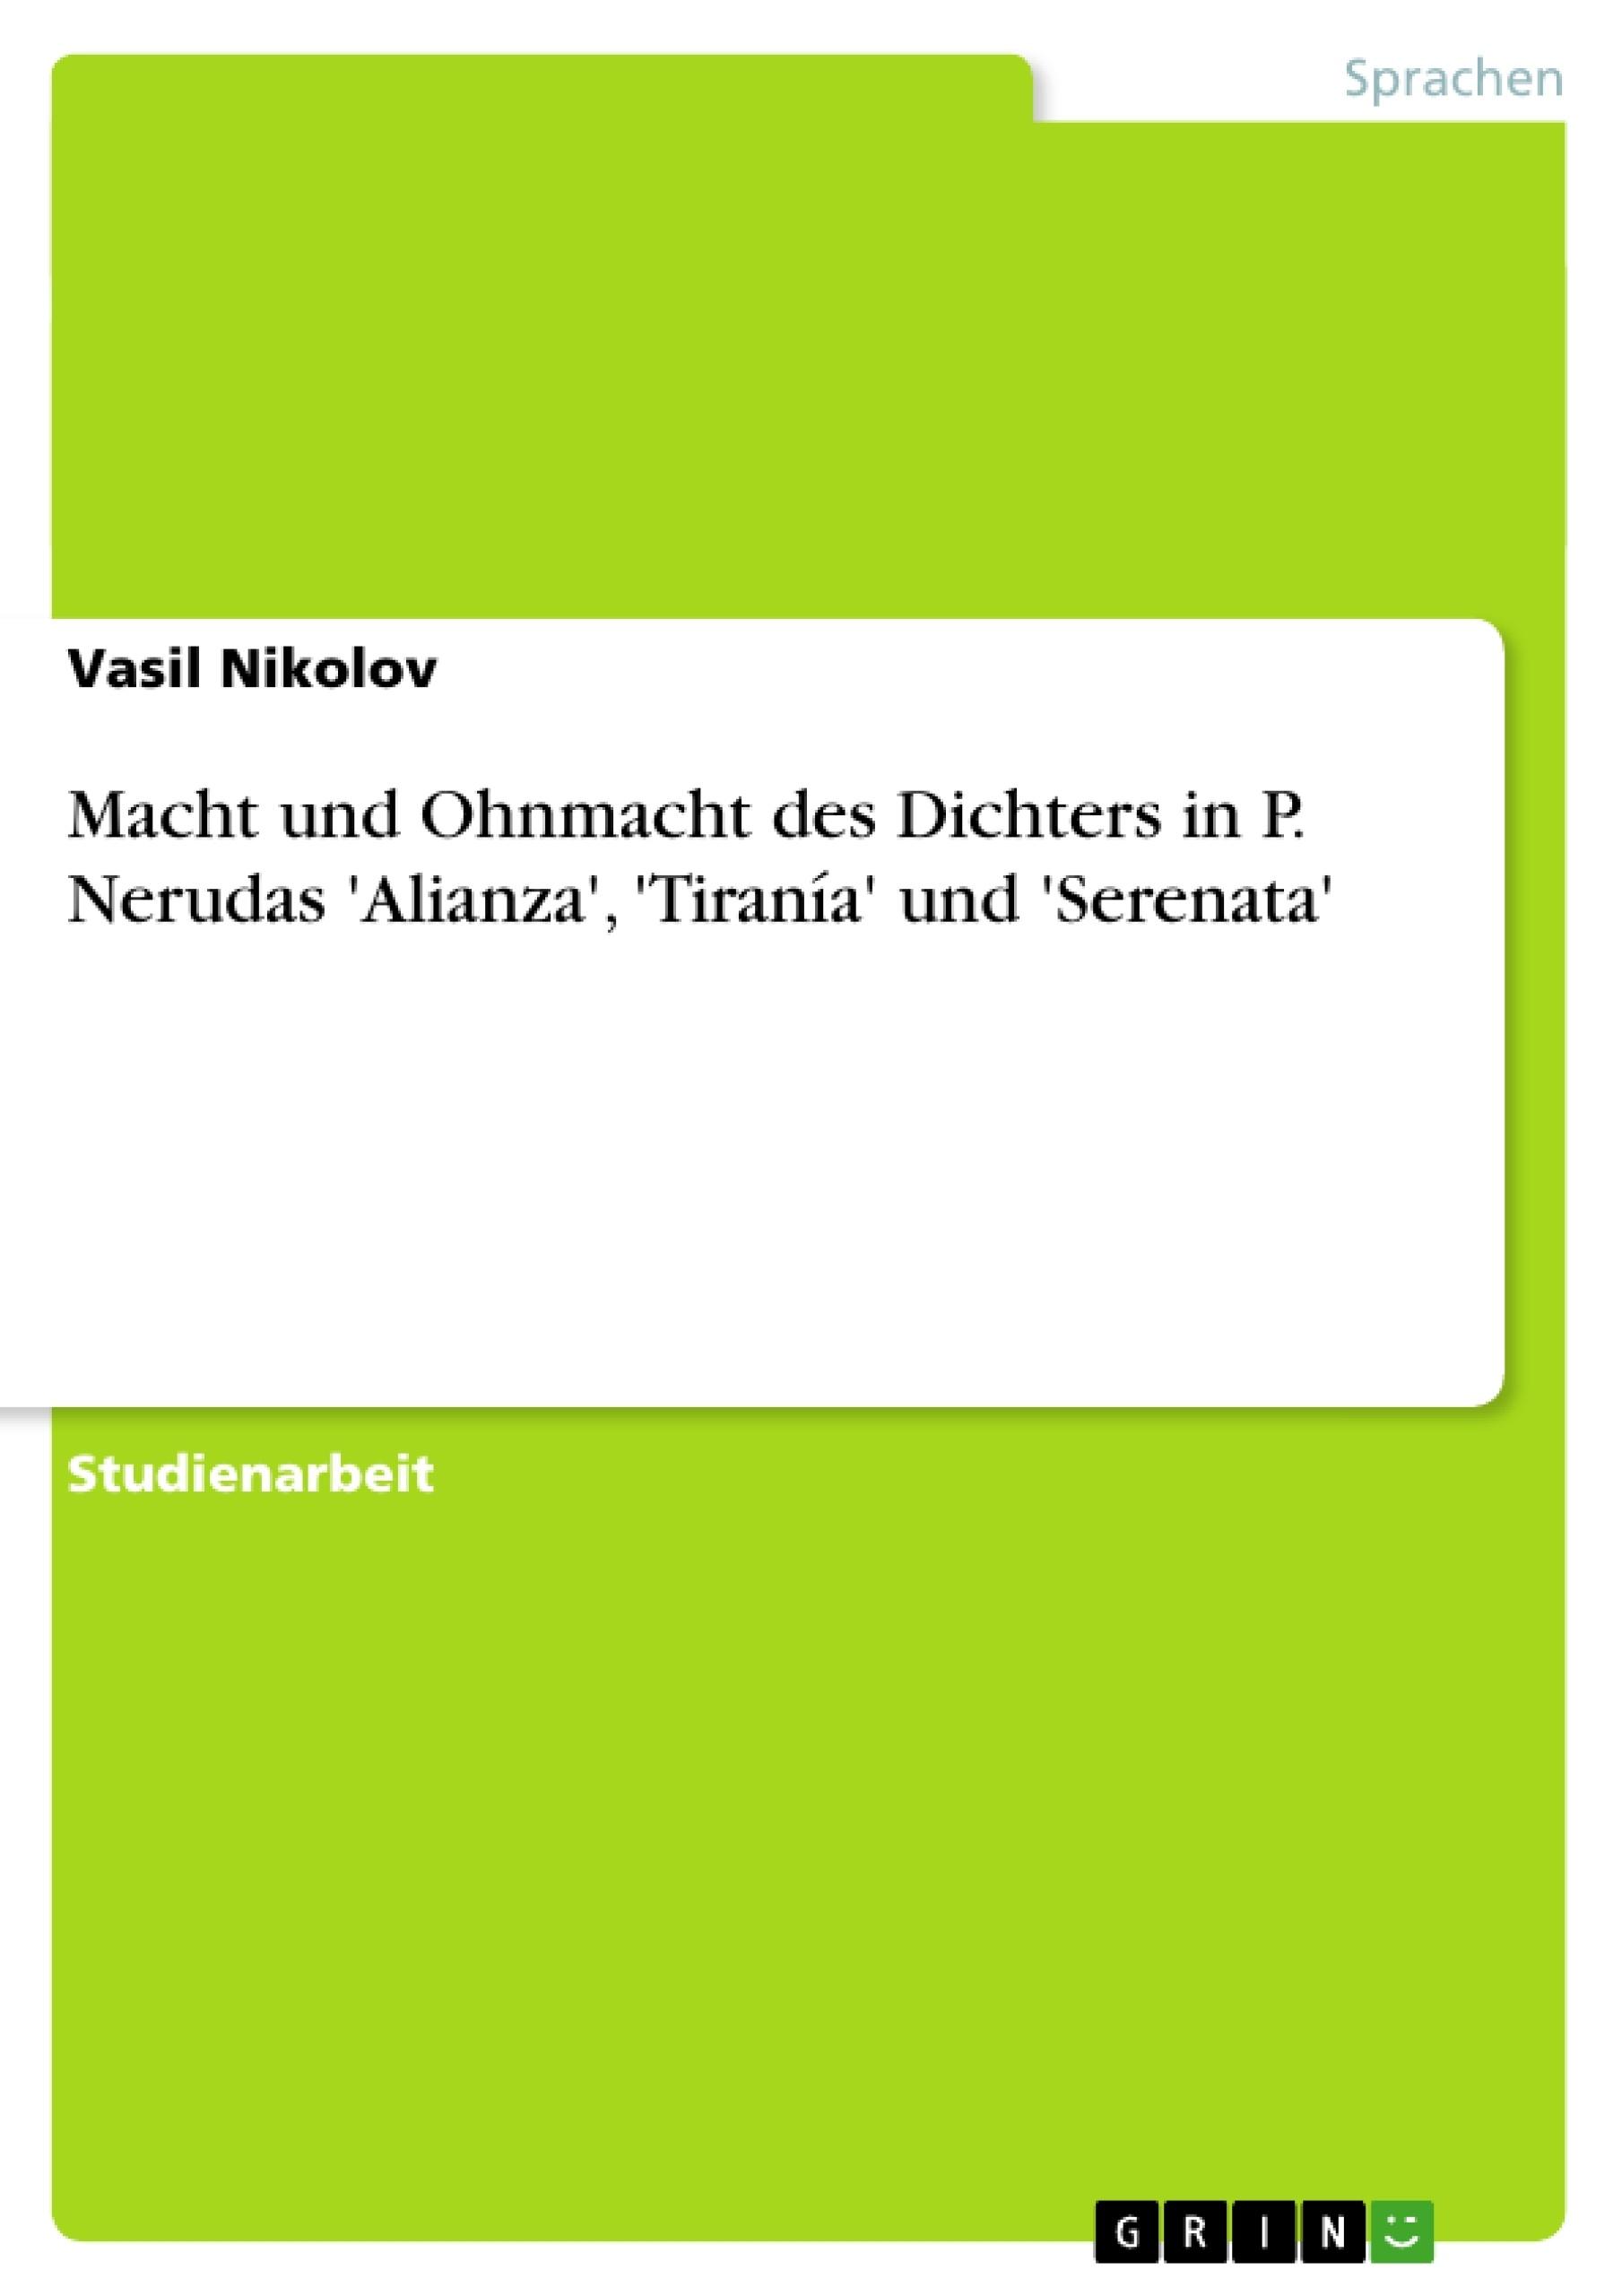 Titel: Macht und Ohnmacht des Dichters in P. Nerudas 'Alianza',  'Tiranía' und 'Serenata'